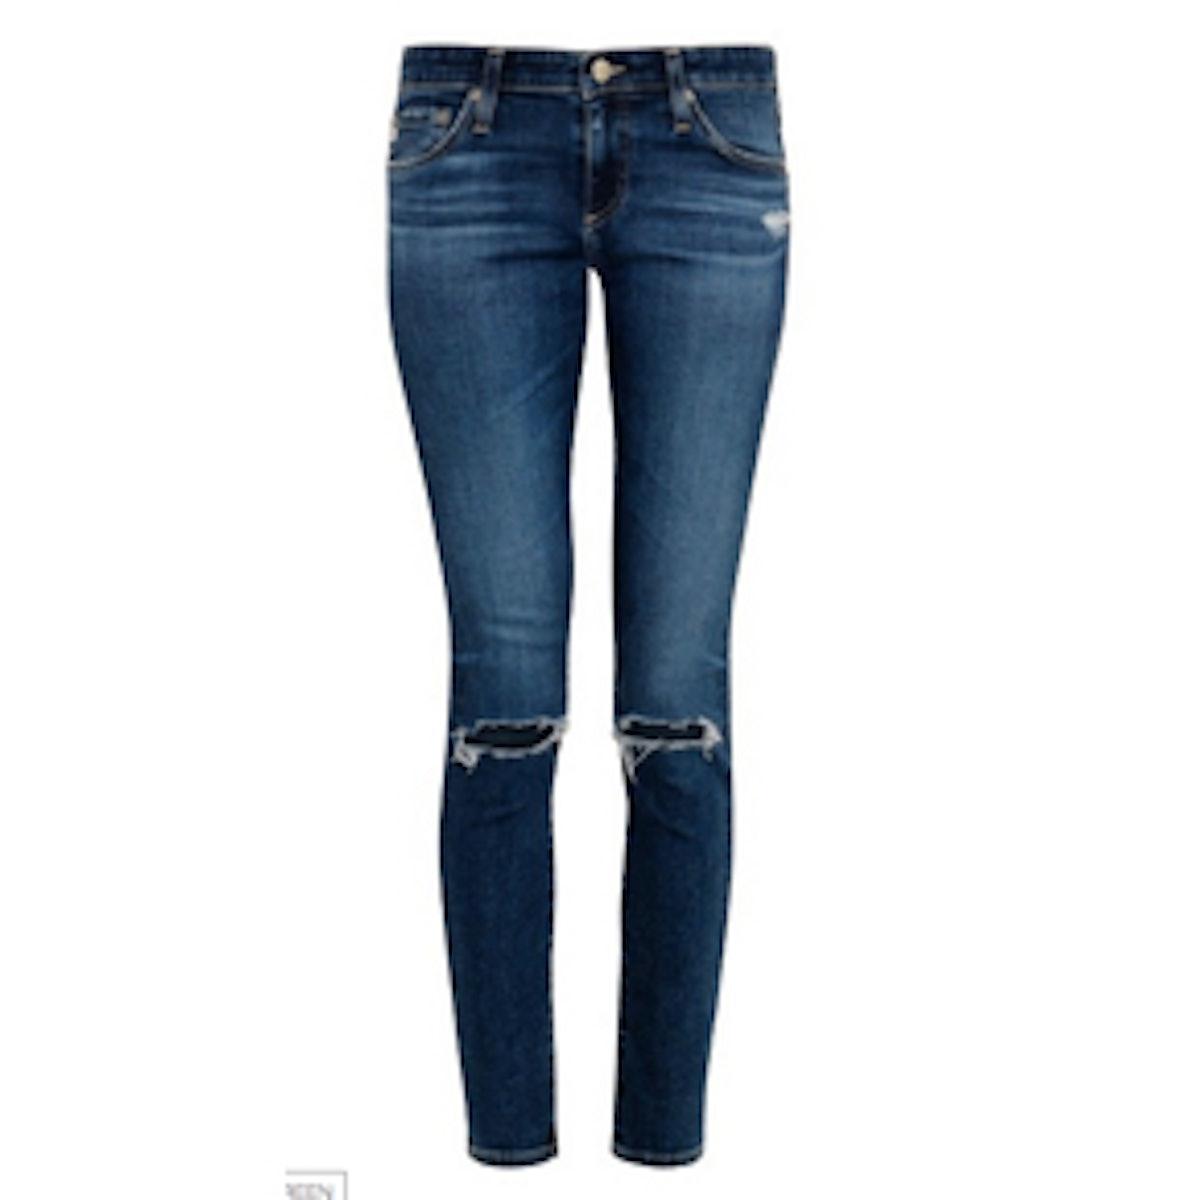 Legging Mid-Rise Skinny Jeans